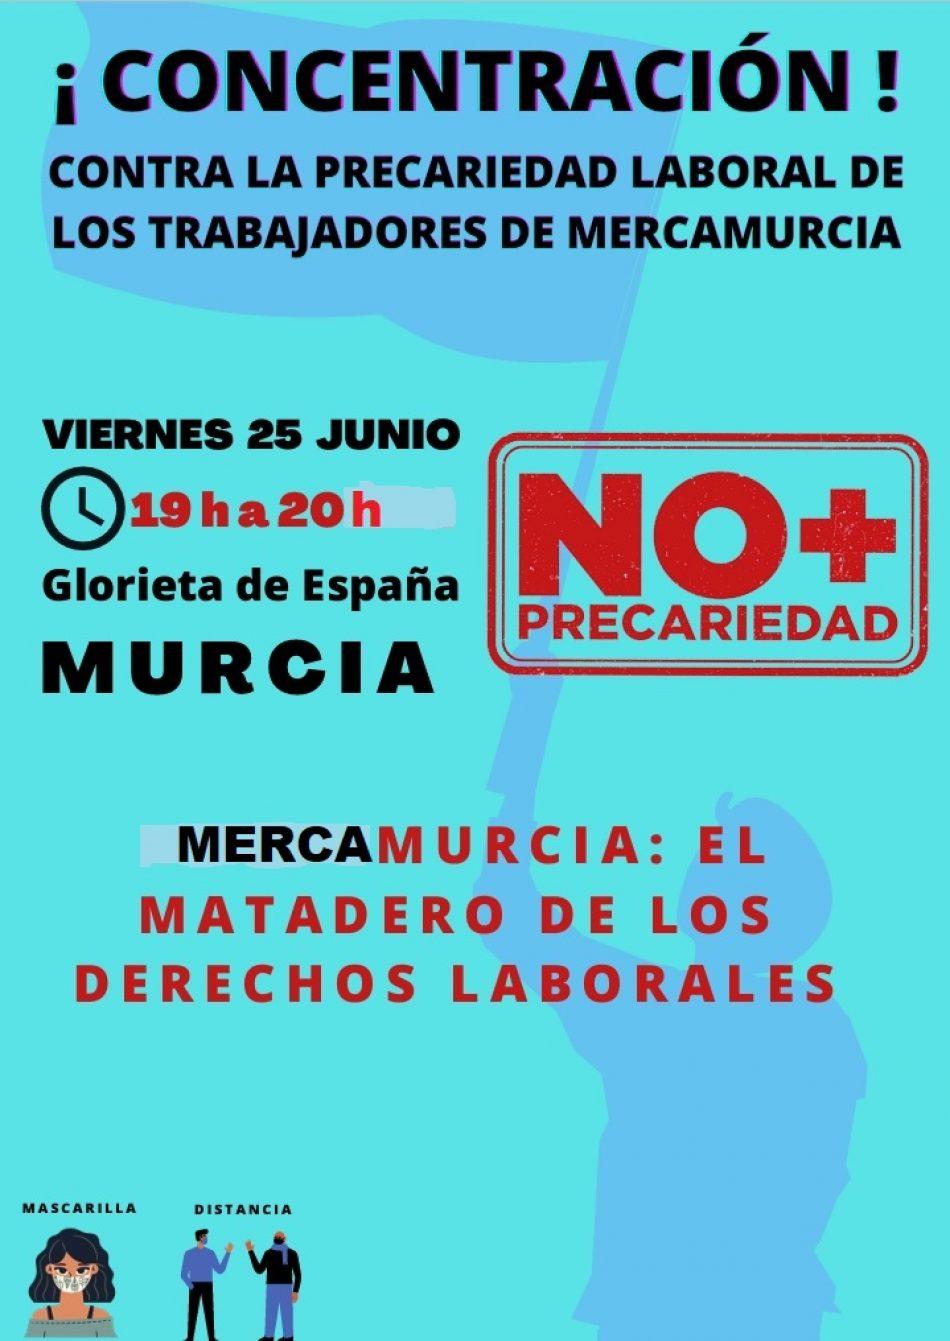 Cuarta concentración frente al Ayuntamiento de Murcia motivada por la problemática laboral en Mercamurcia